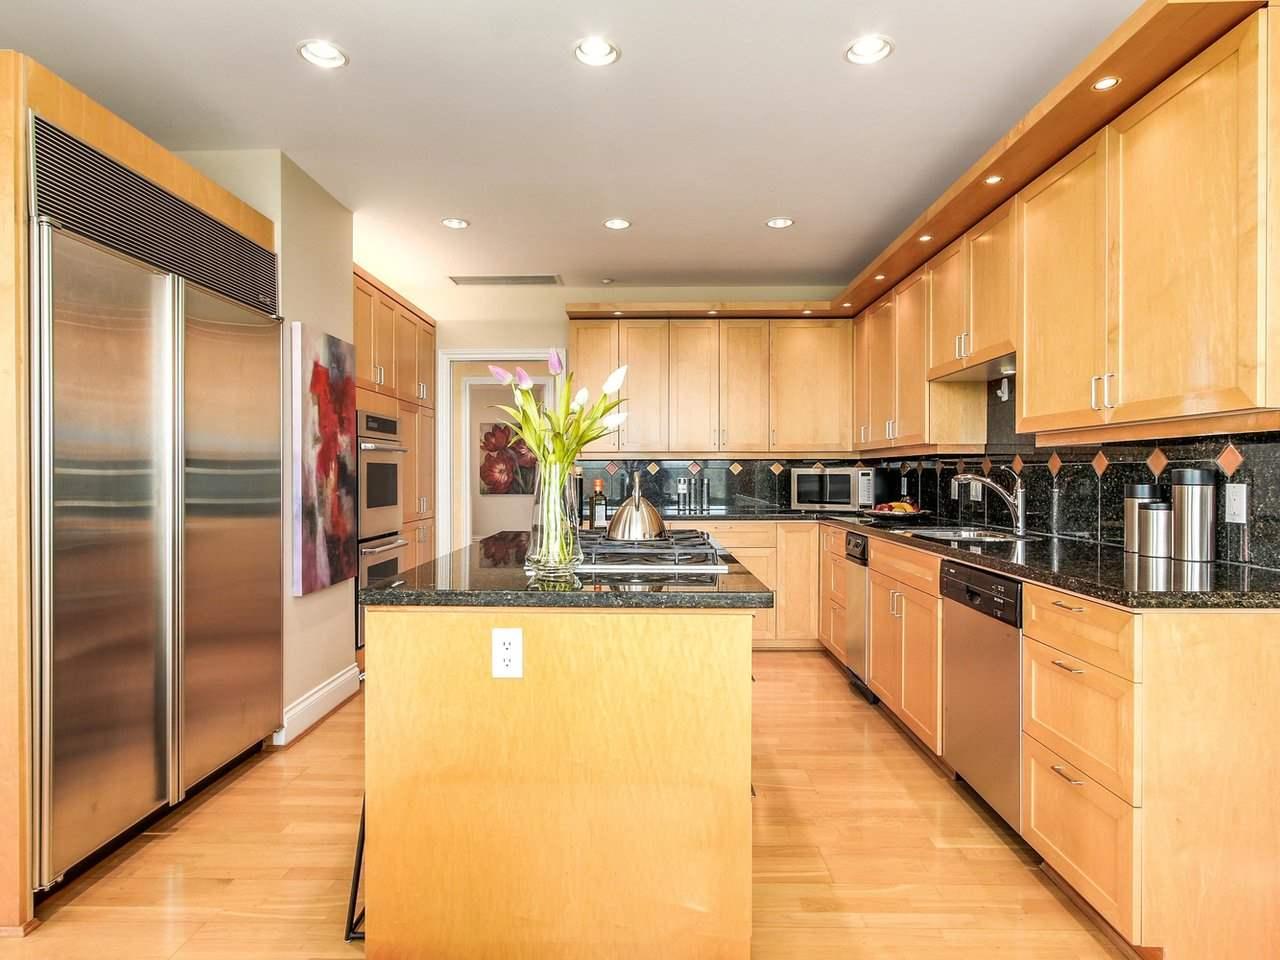 Condo Apartment at PH2 1777 BAYSHORE DRIVE, Unit PH2, Vancouver West, British Columbia. Image 11